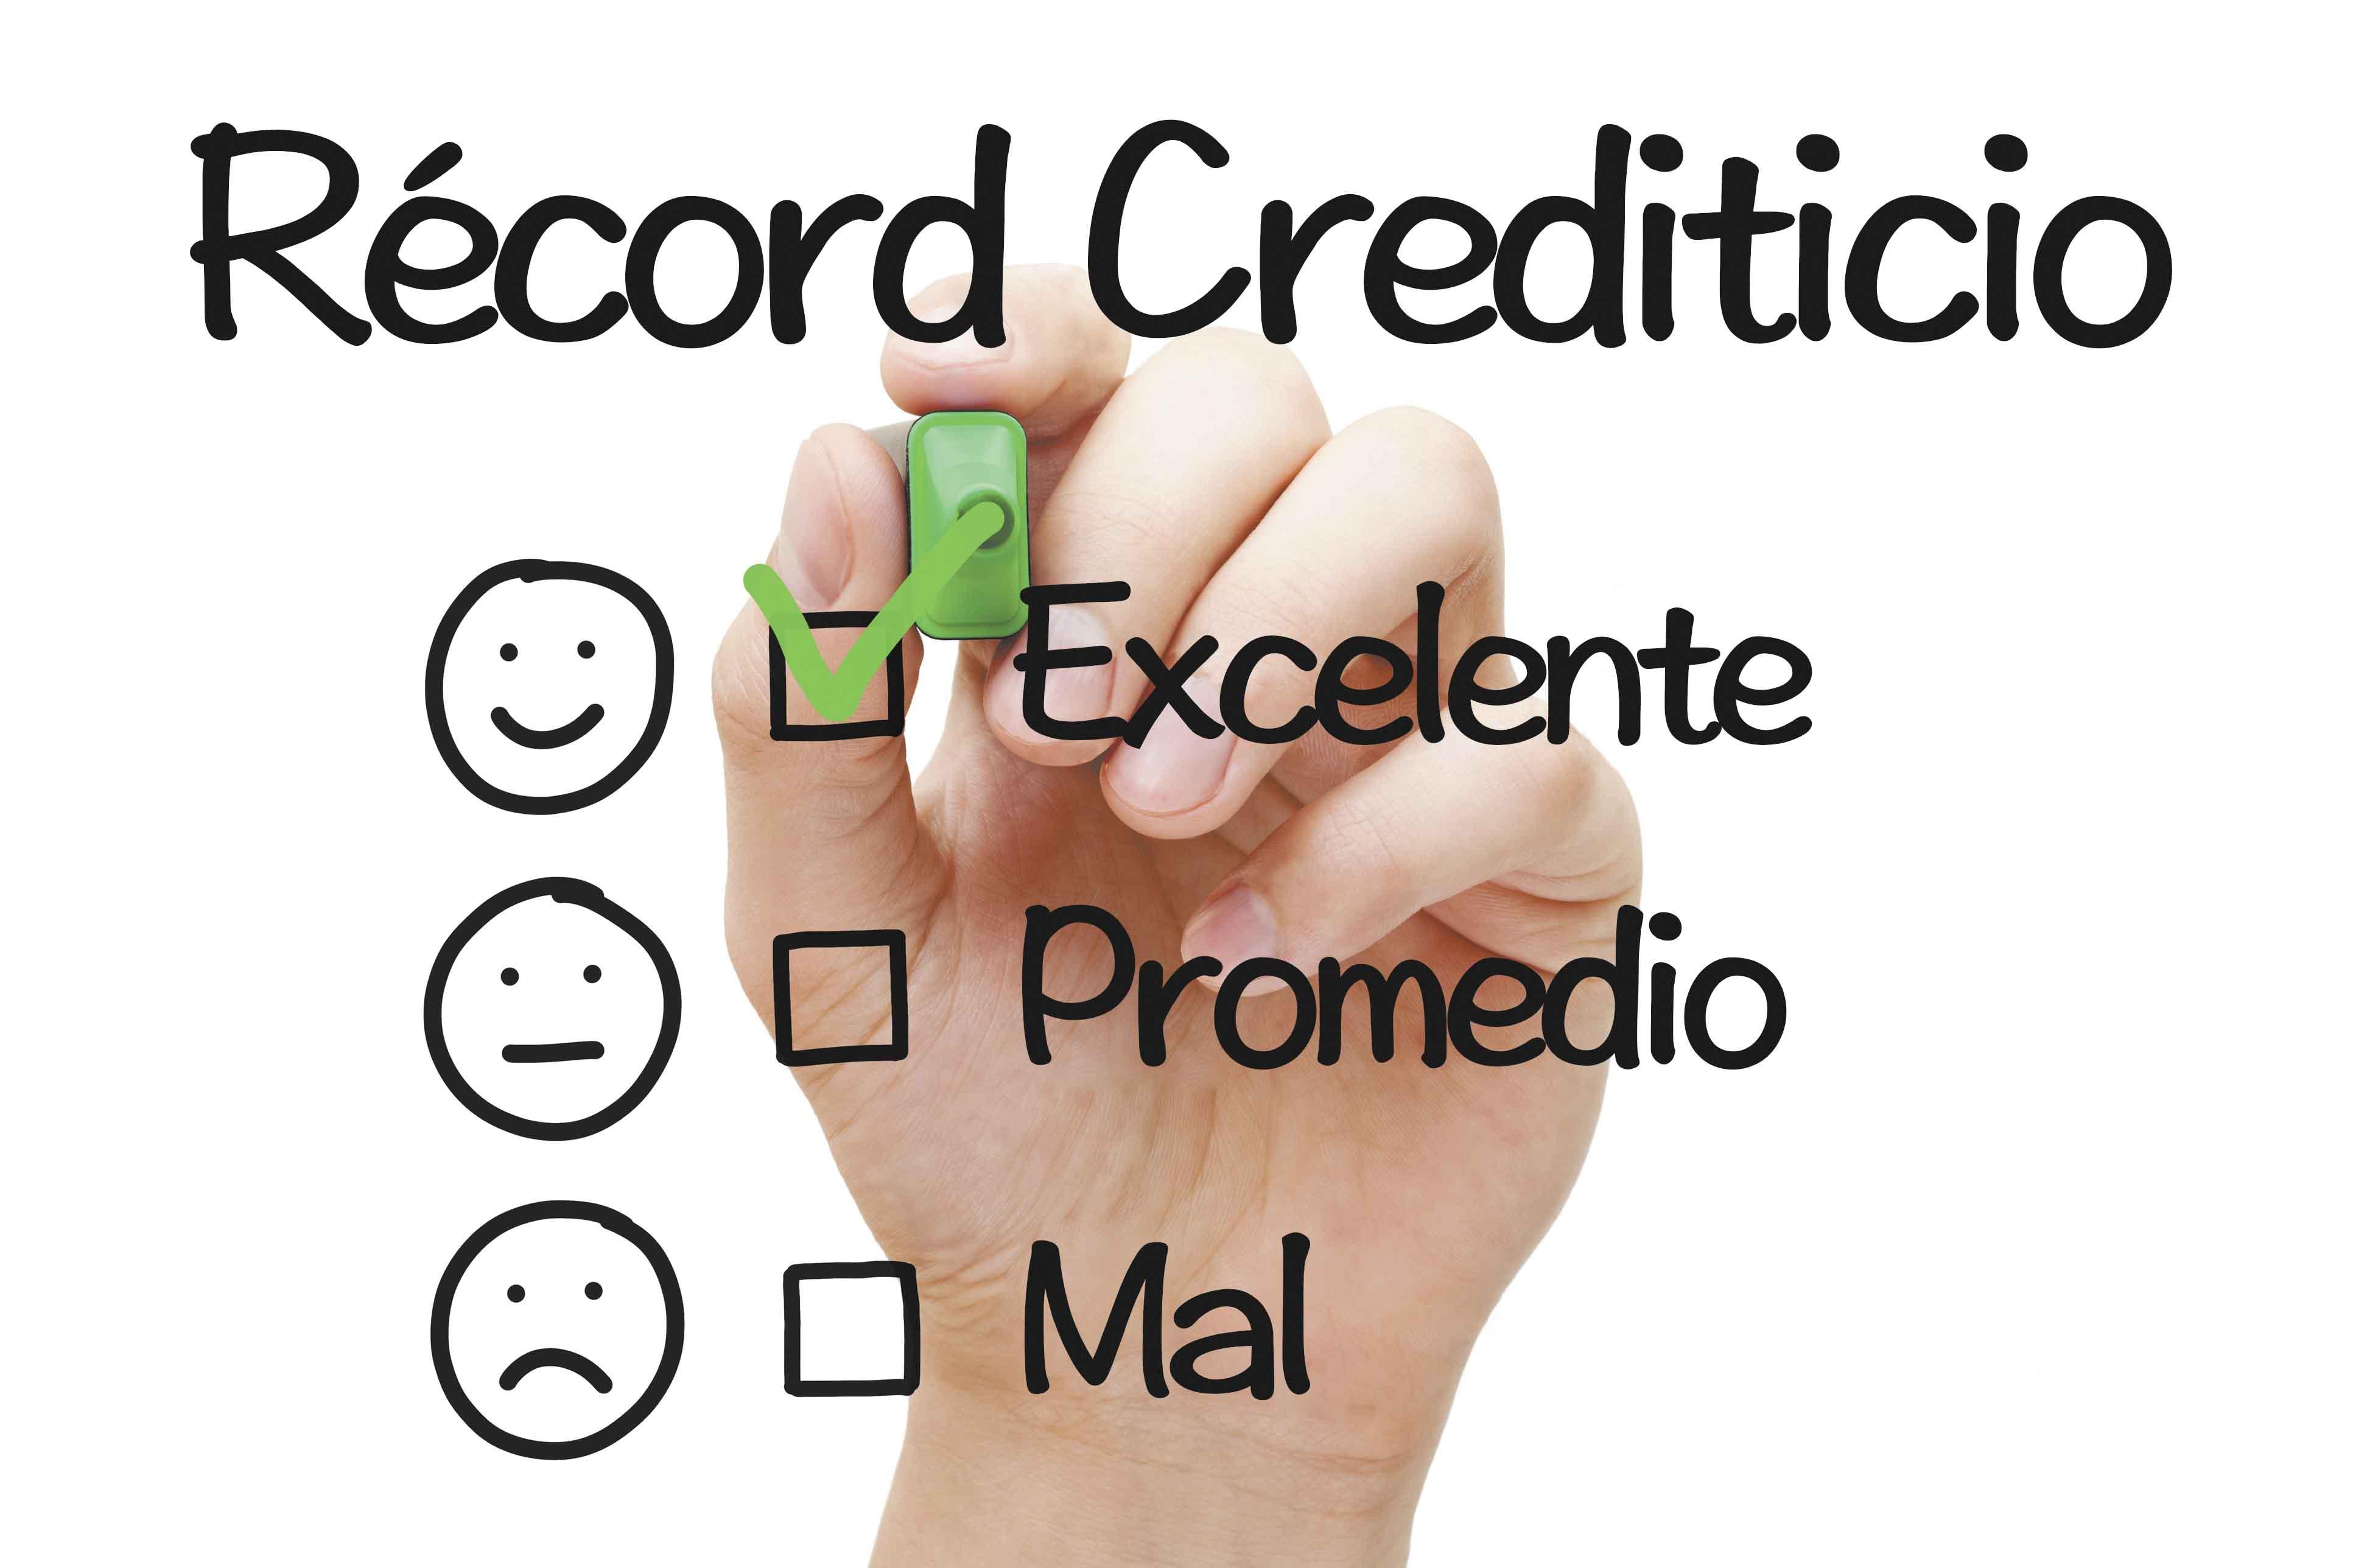 Un buen récord crediticio puede ser tu tabla de salvación en estos tiempos de crisis